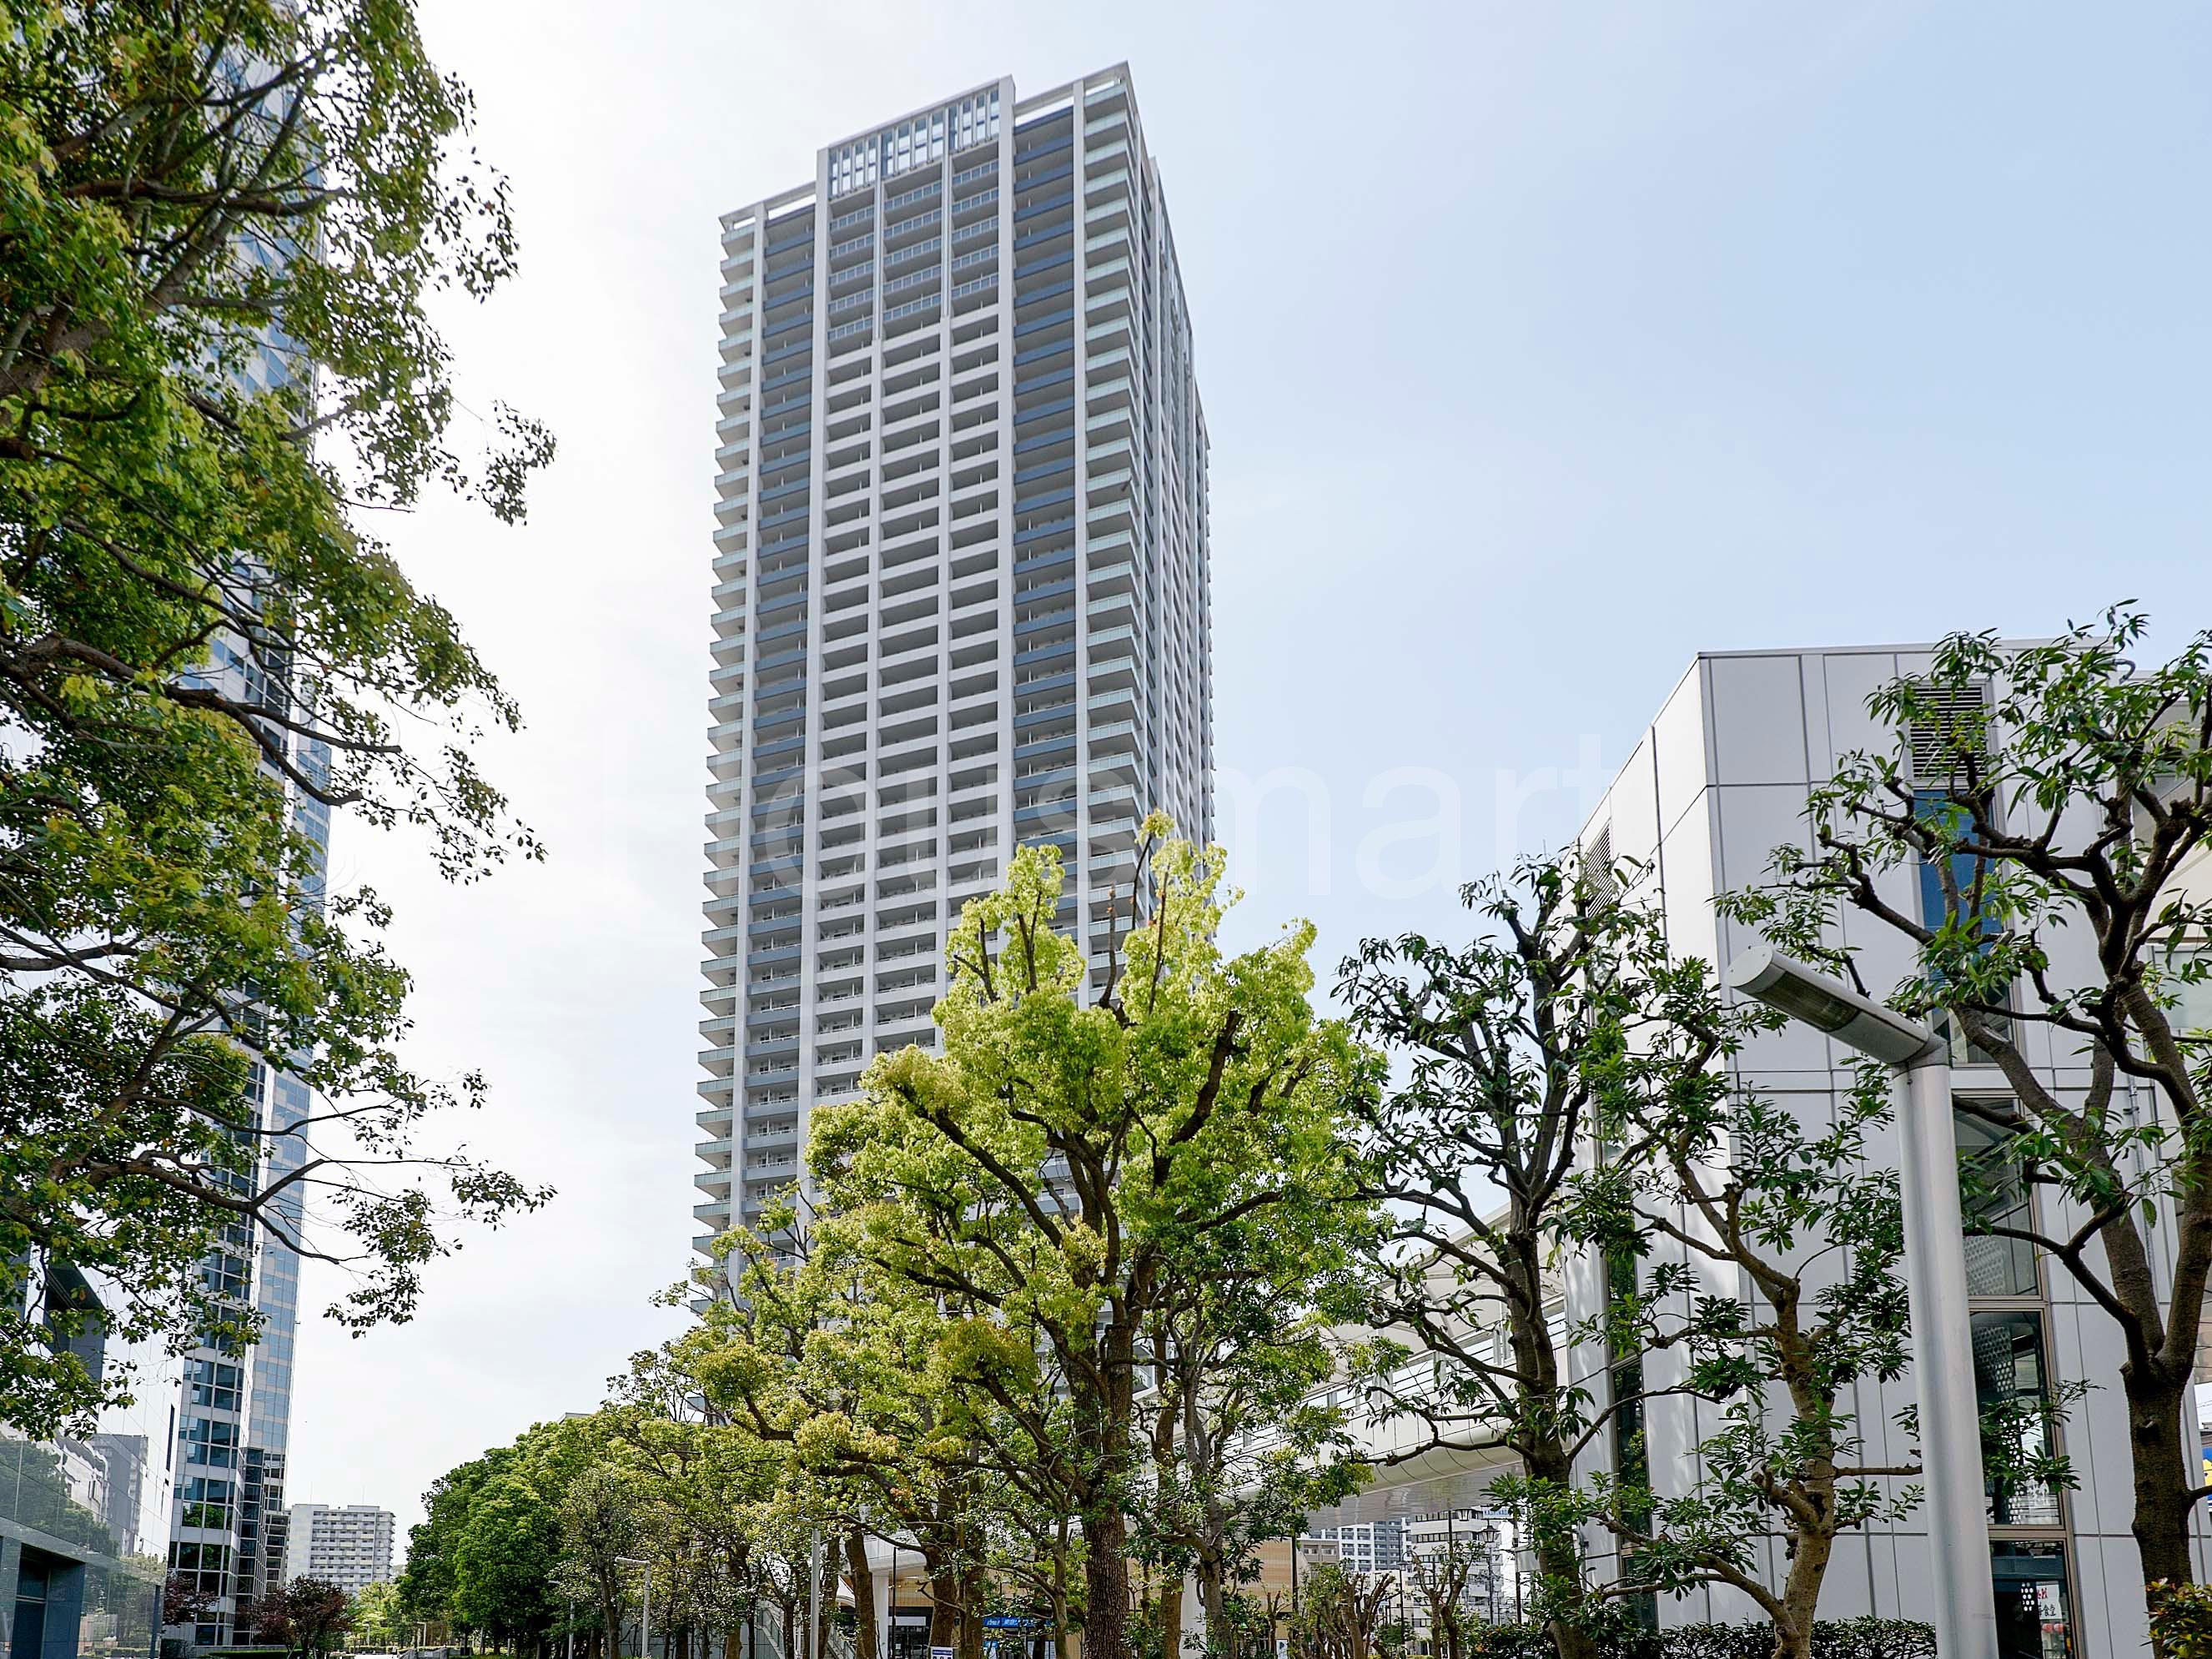 パークタワー新川崎は再開発で資産性向上が期待されるタワーマンション!